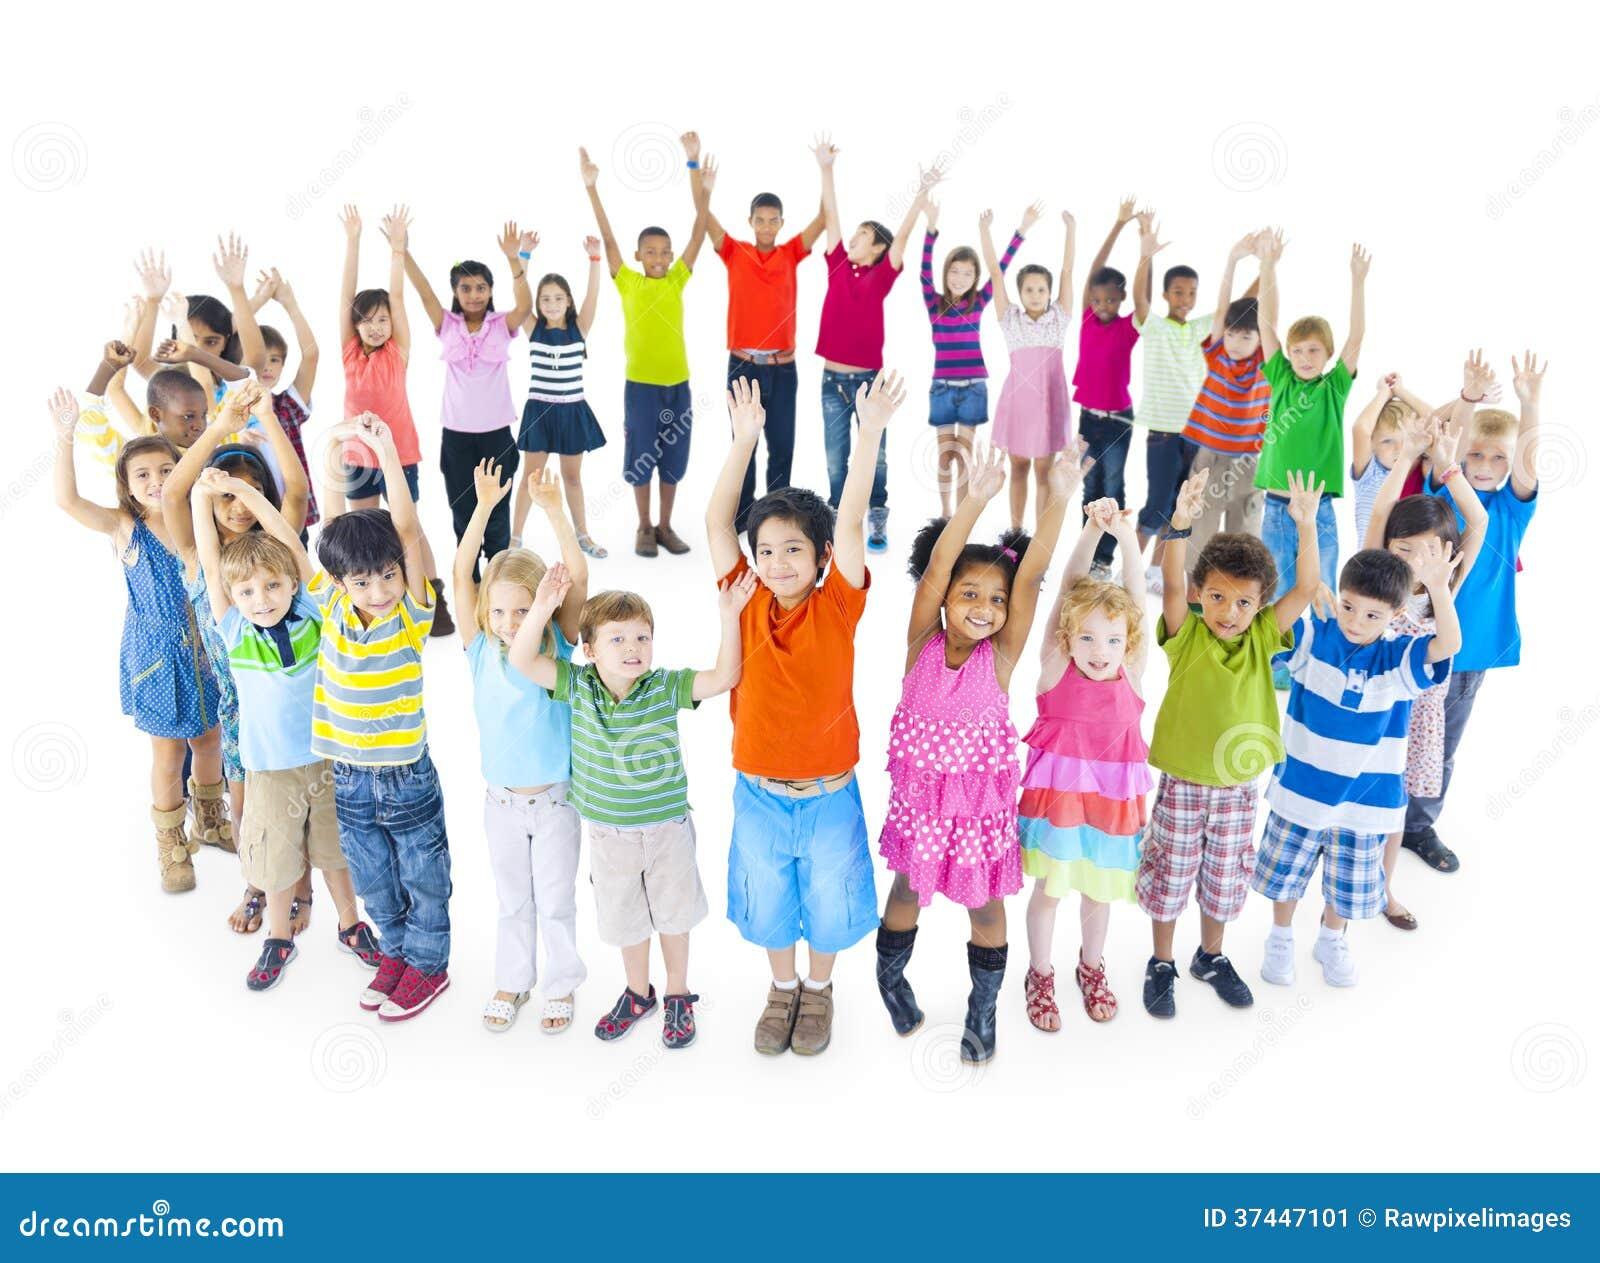 Super Groupe De Célébration D'enfants Du Monde Image stock - Image: 37447101 TX23